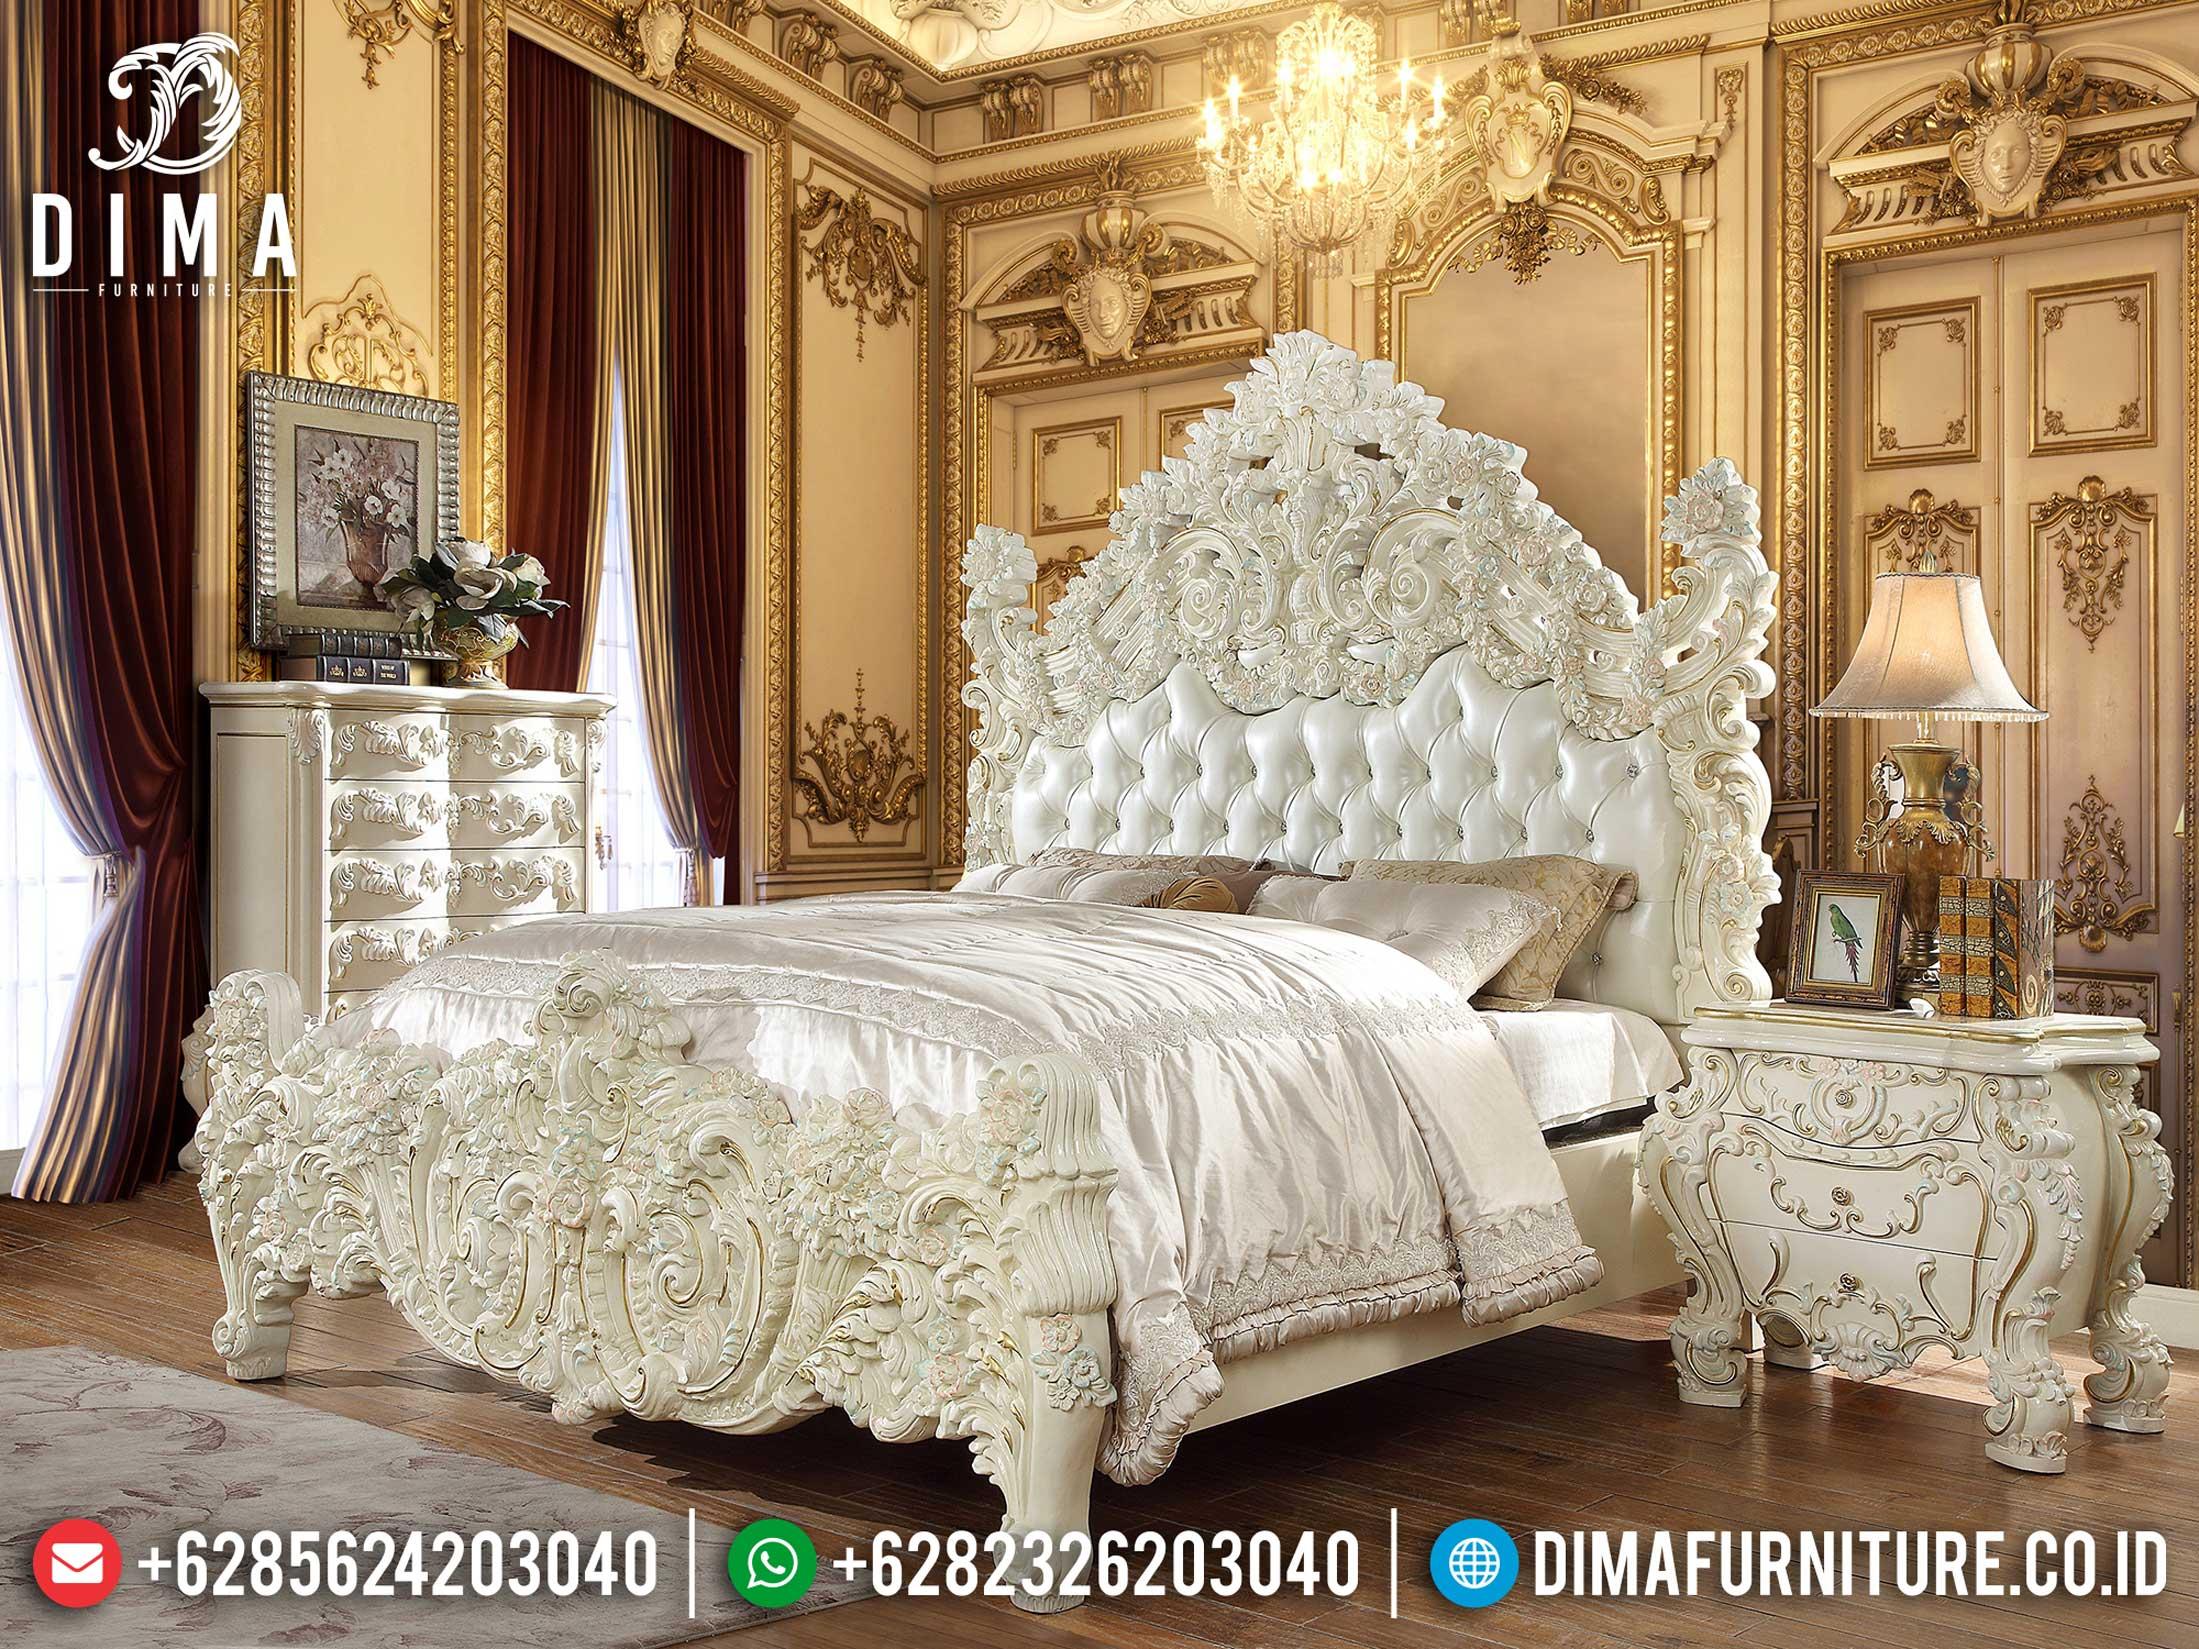 Jual Tempat Tidur Ukiran Mewah Jepara White Duco Clear Coat Glossy TTJ-1152